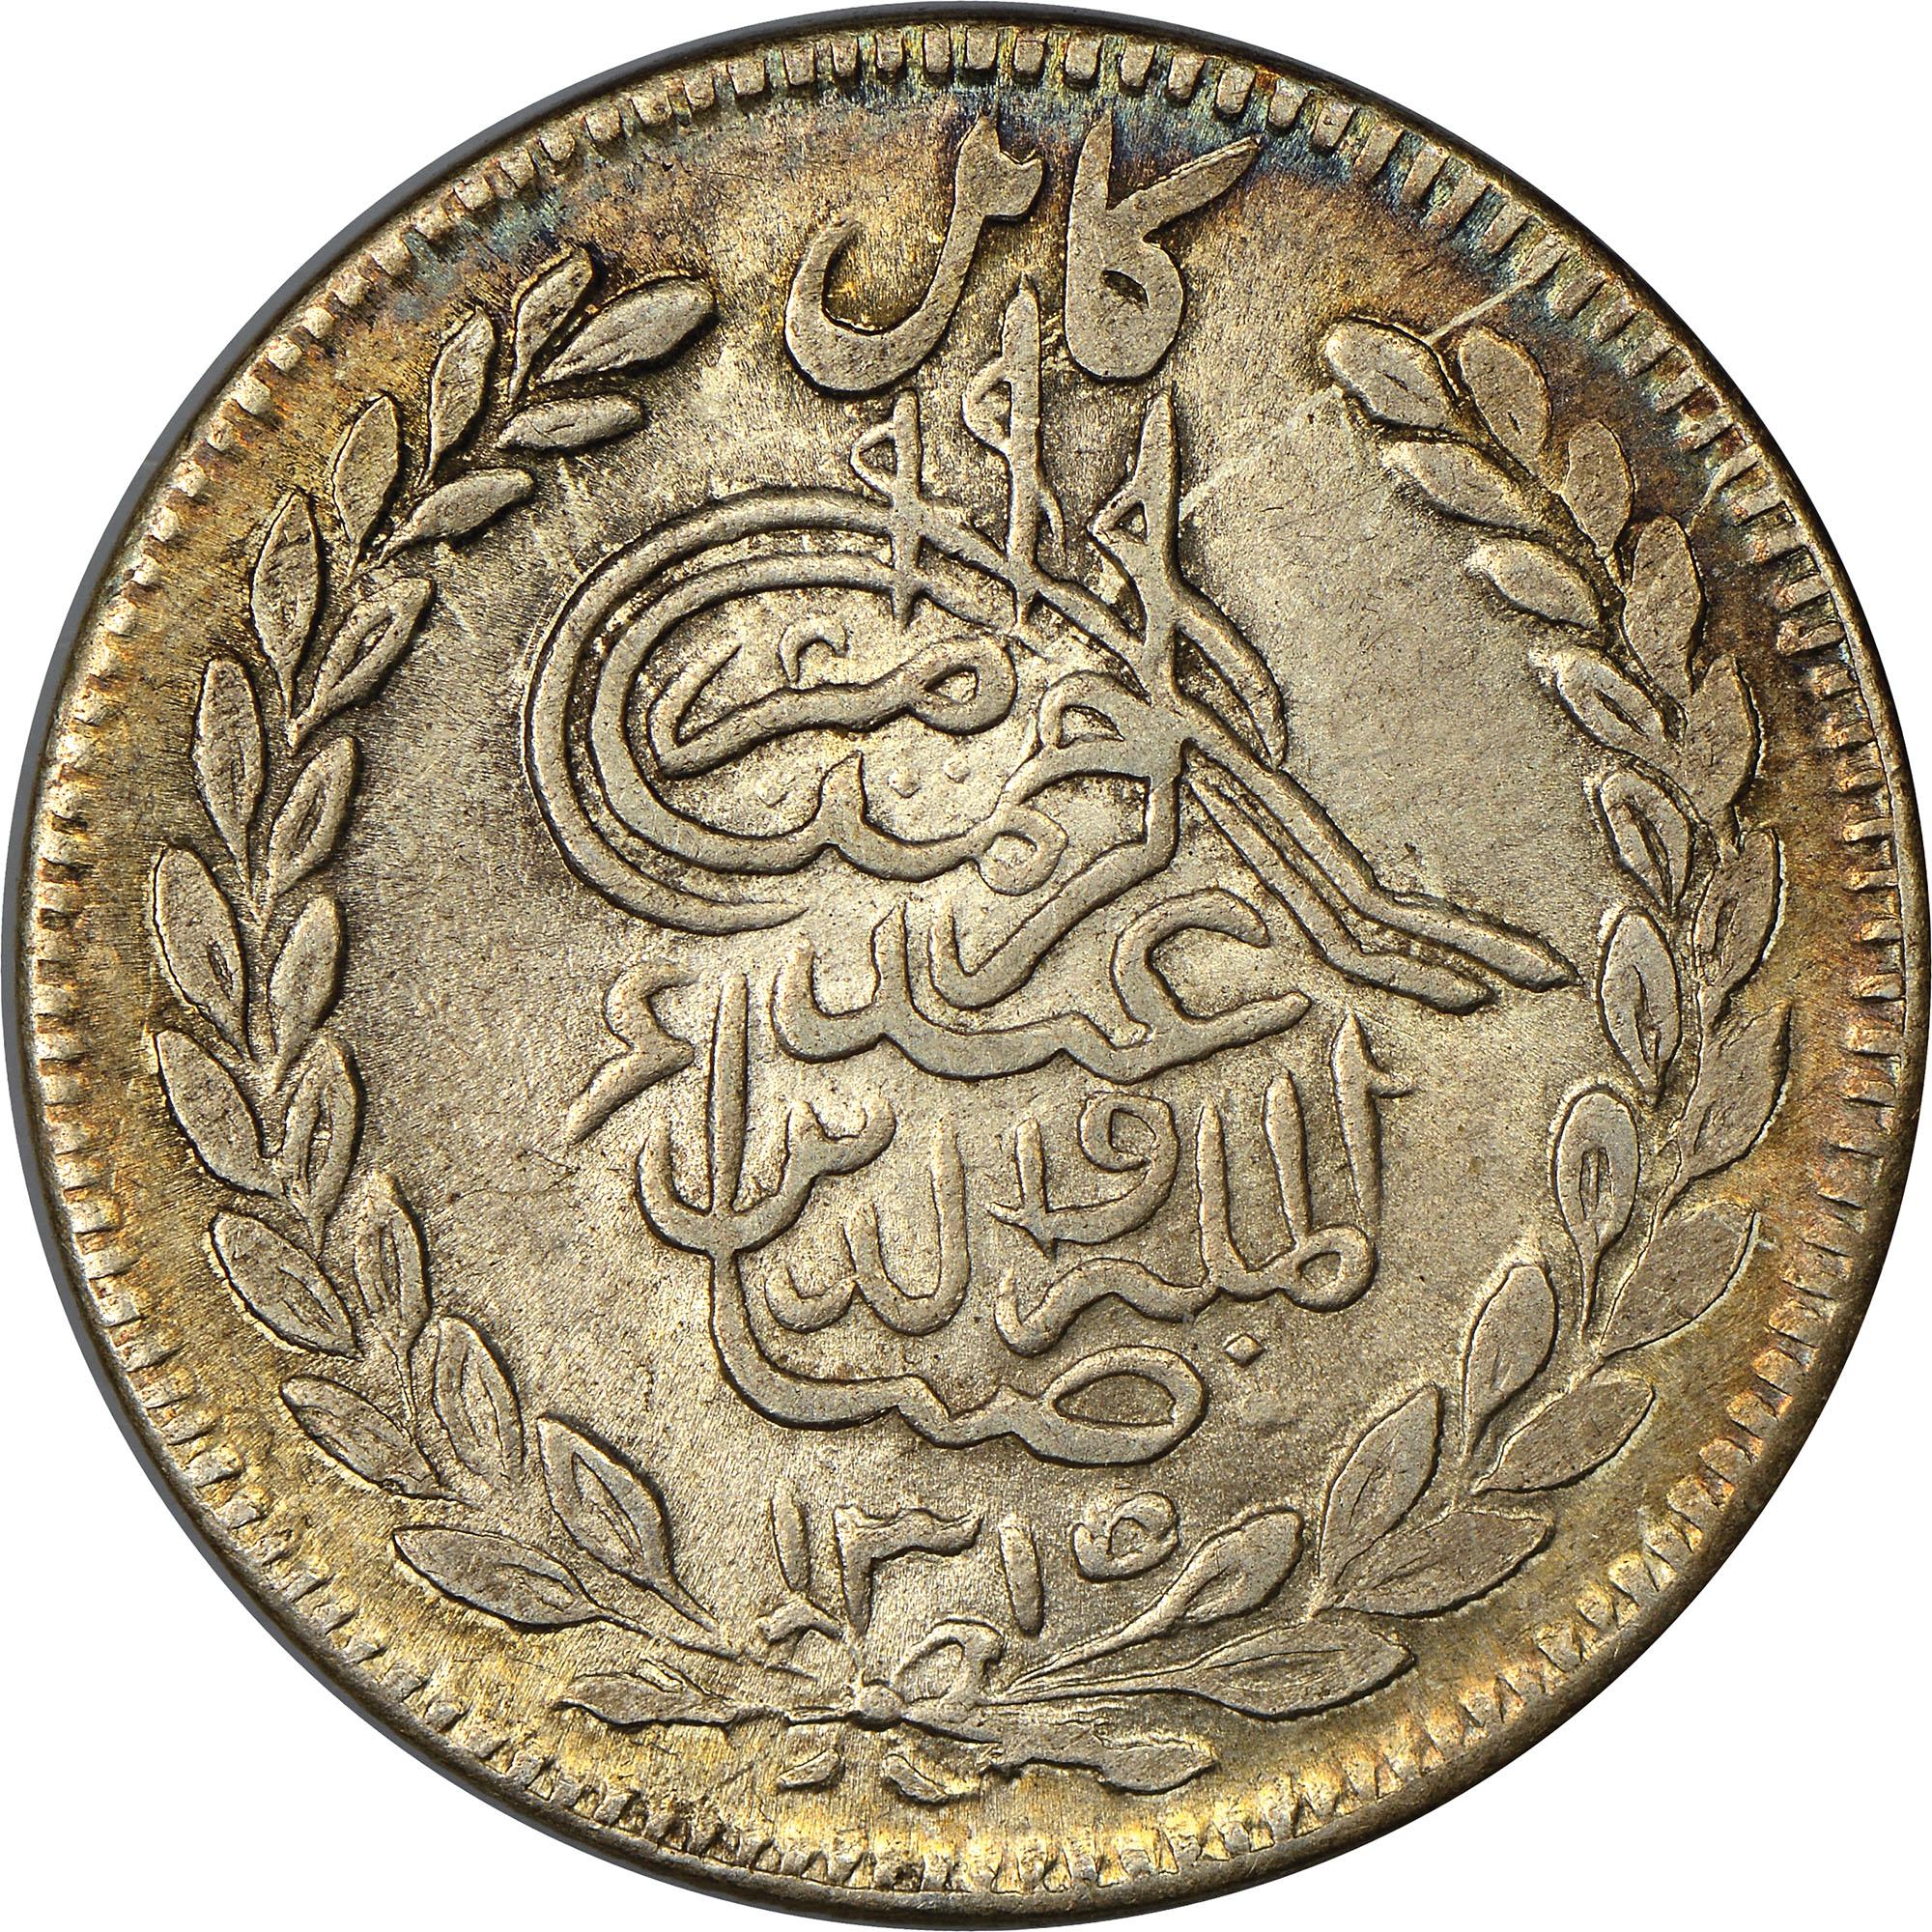 Afghanistan Rupee obverse